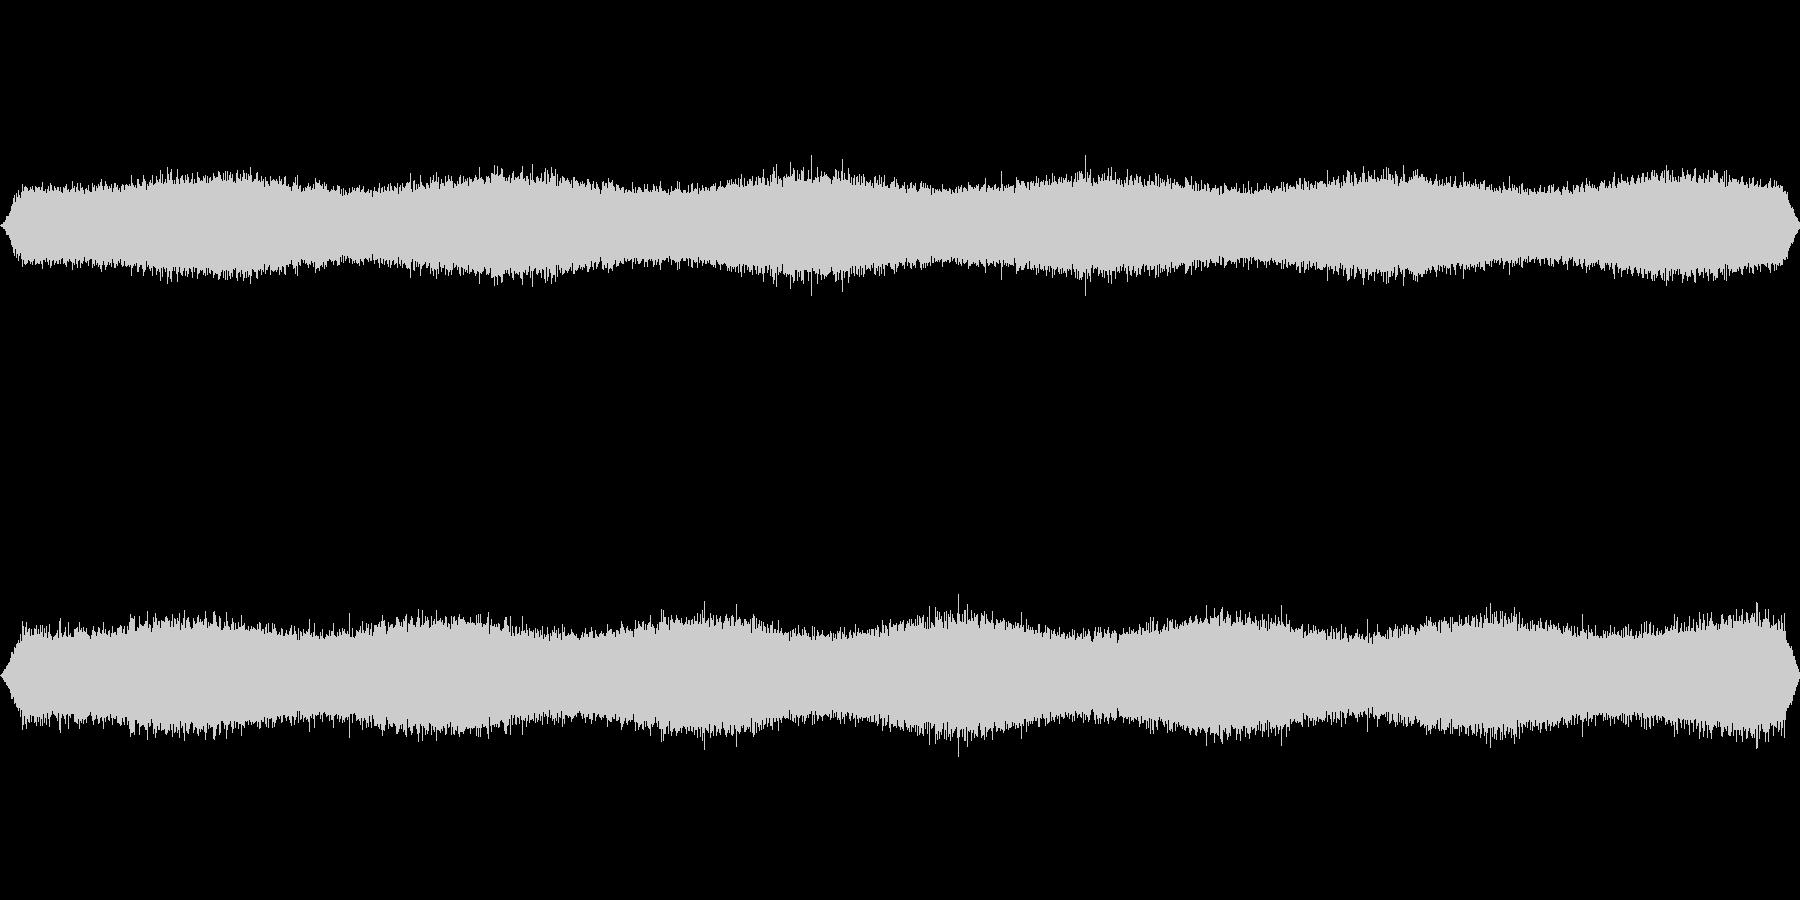 [ザー] 雨・滝・川などの音の未再生の波形